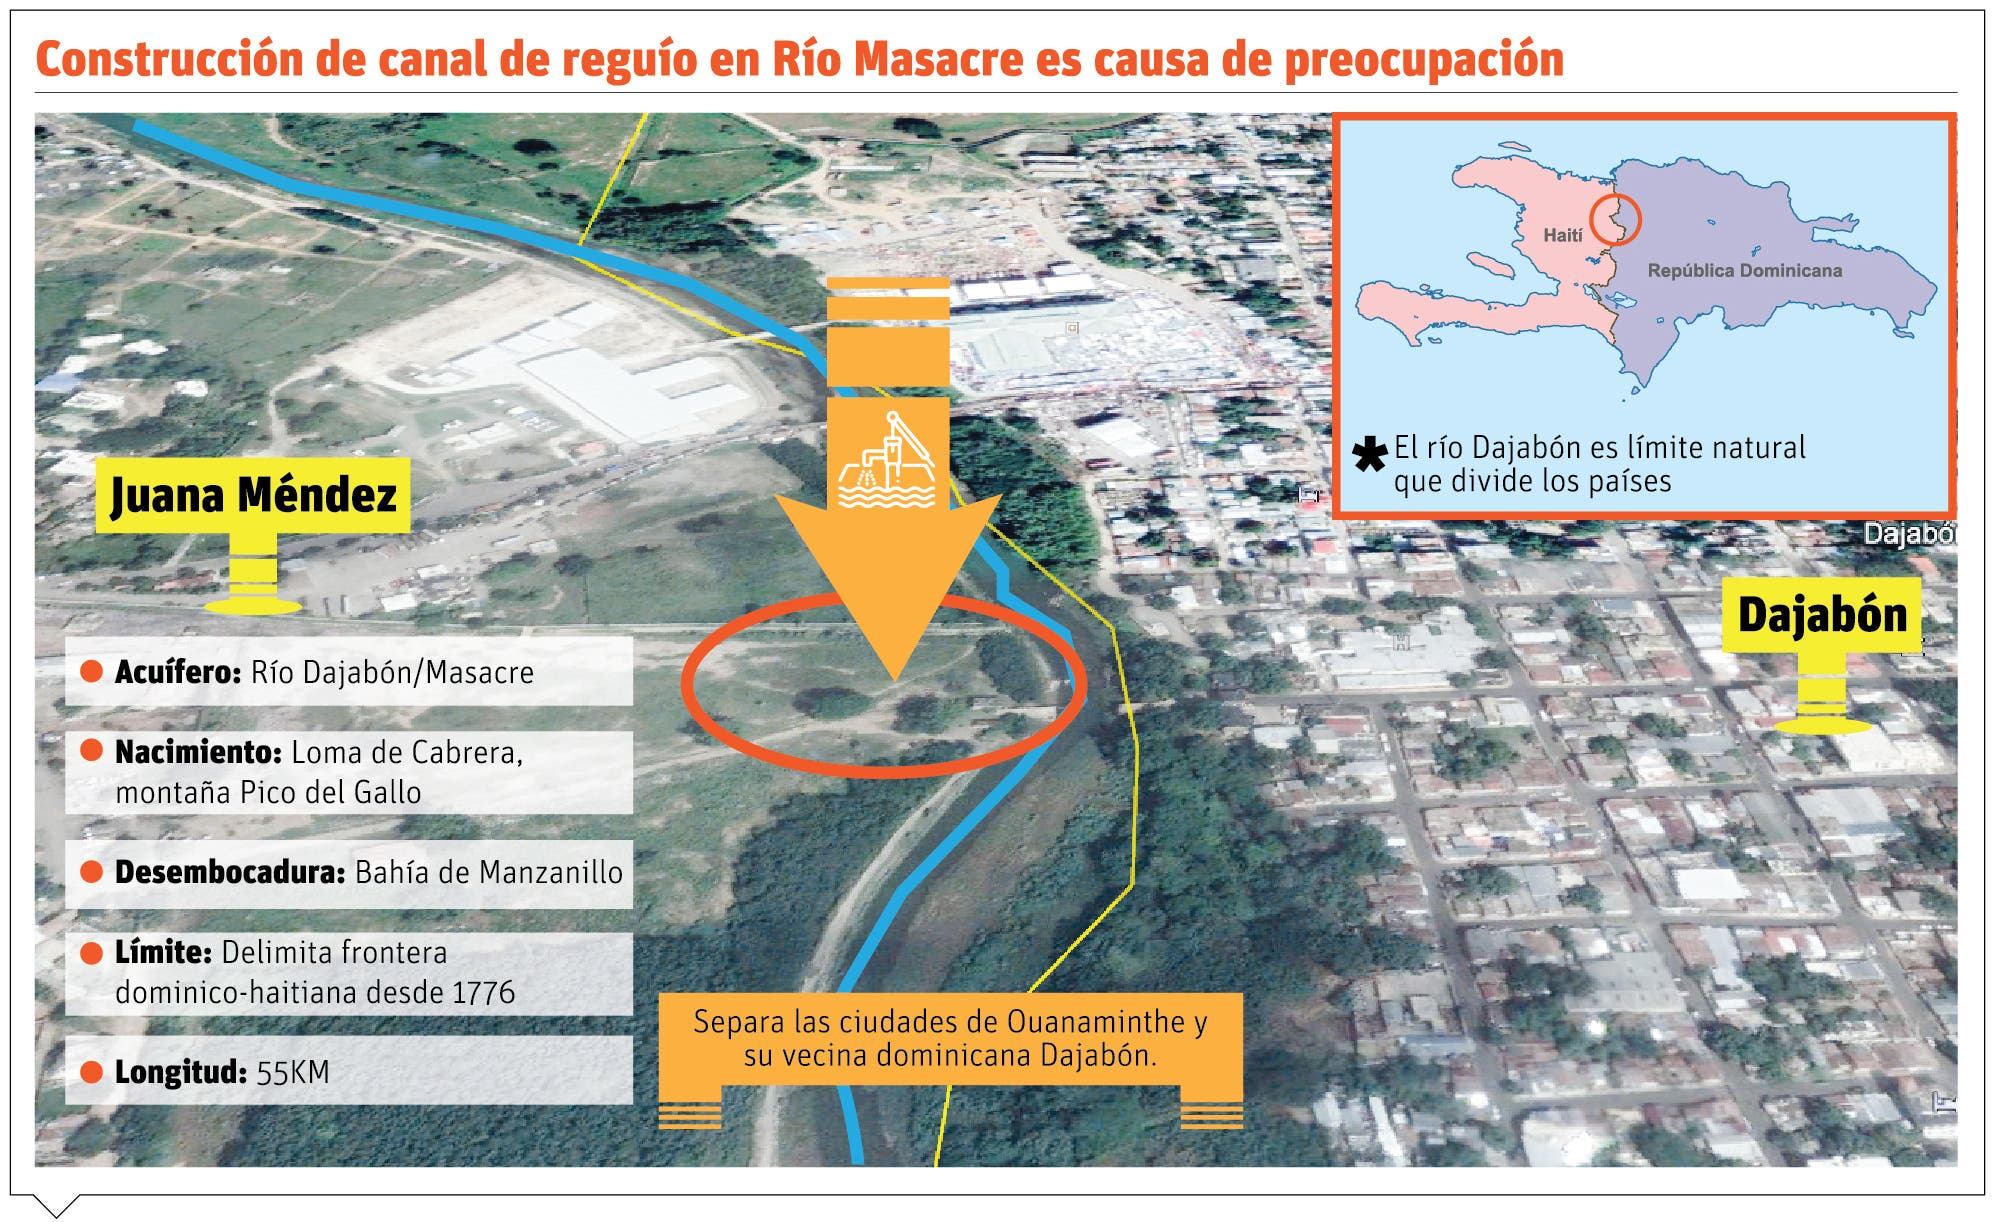 República Dominicana reconoce canal construye Haití no desviará río Masacre